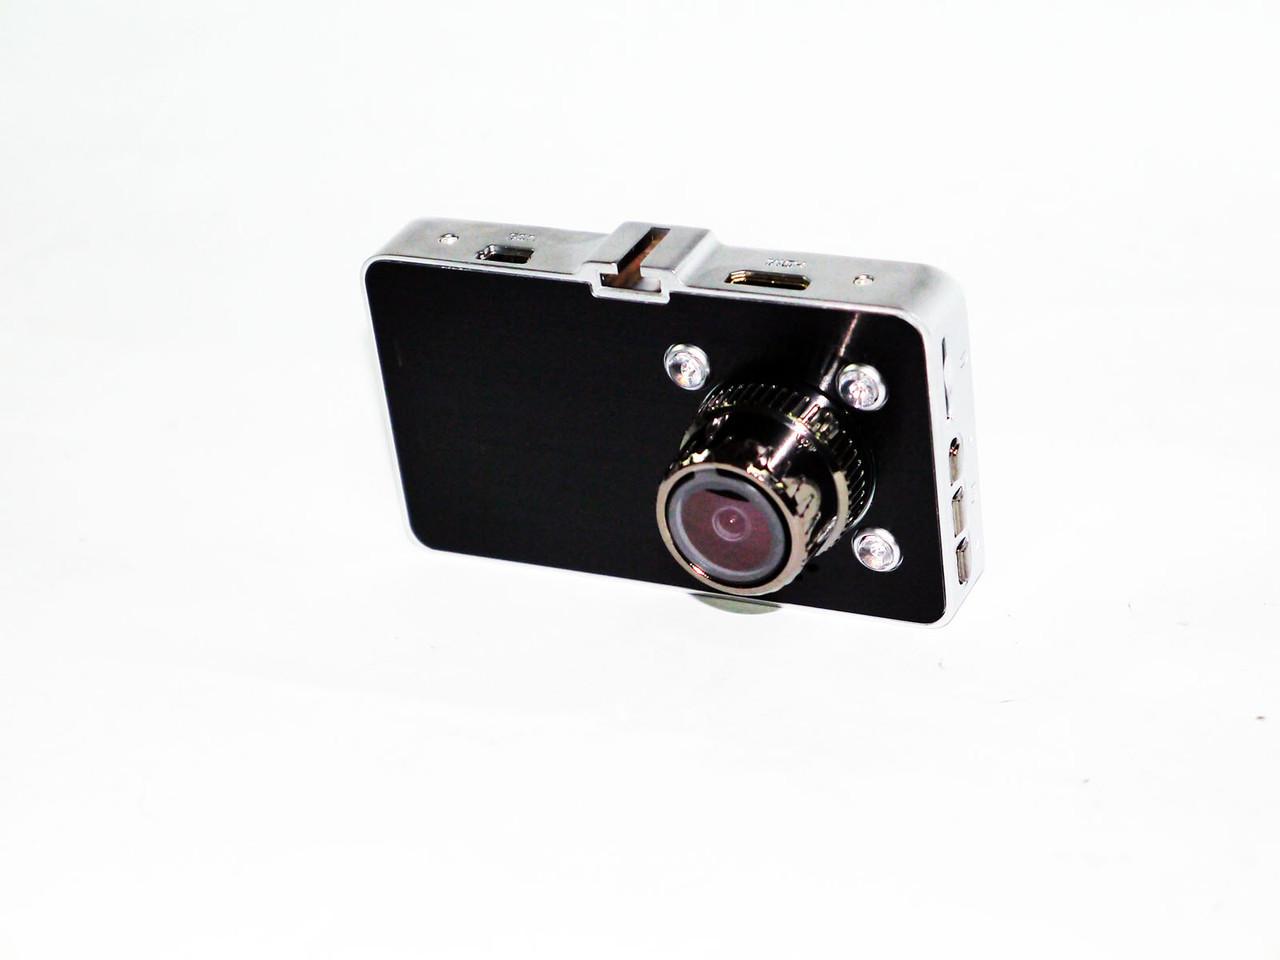 Відеореєстратор DVR A4 (копія Tenex DVR-780 FHD)